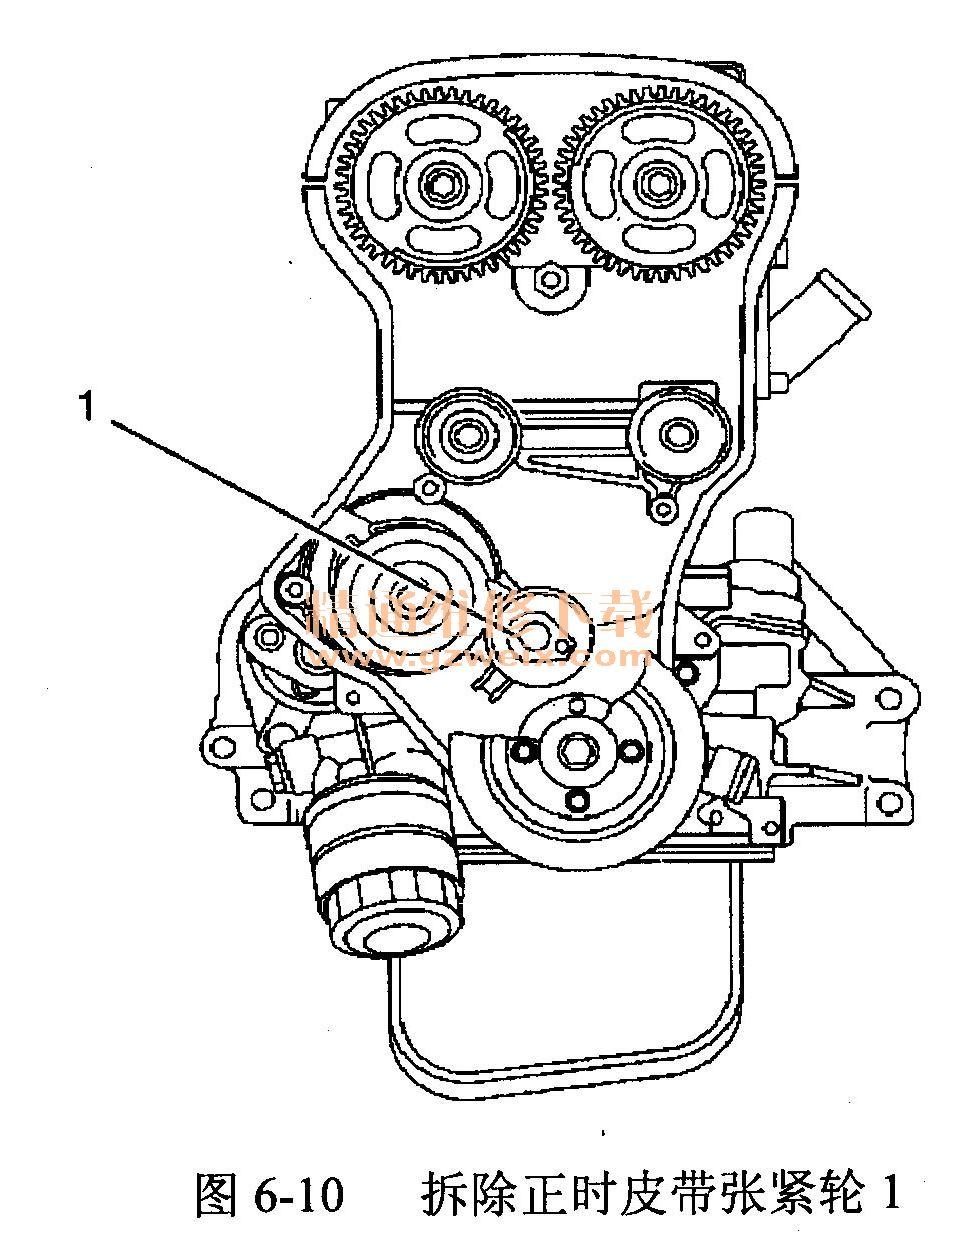 别克君威 l34 2.0 l型发动机 正时校对方法 精 高清图片